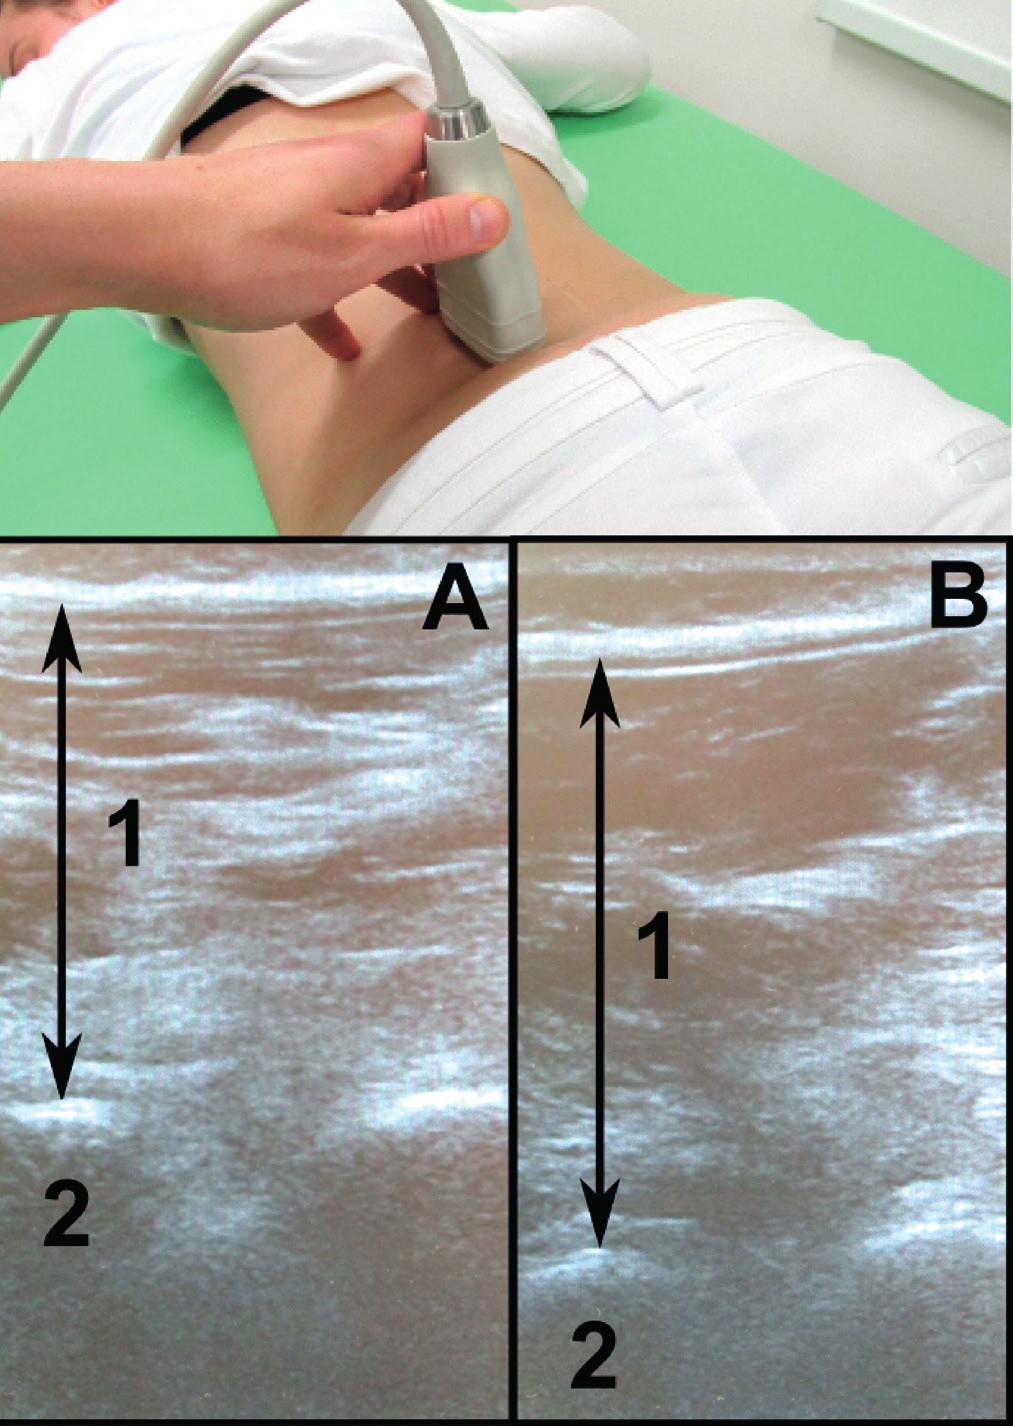 Nahoře poloha sondy při měření tloušťky musculus multifidus, dole odpovídající sonografický obraz se zachycením tloušťky musculus multifidus (1) a facetového kloubu L4/L5 (2) v klidu (A) a při zátěži (B).